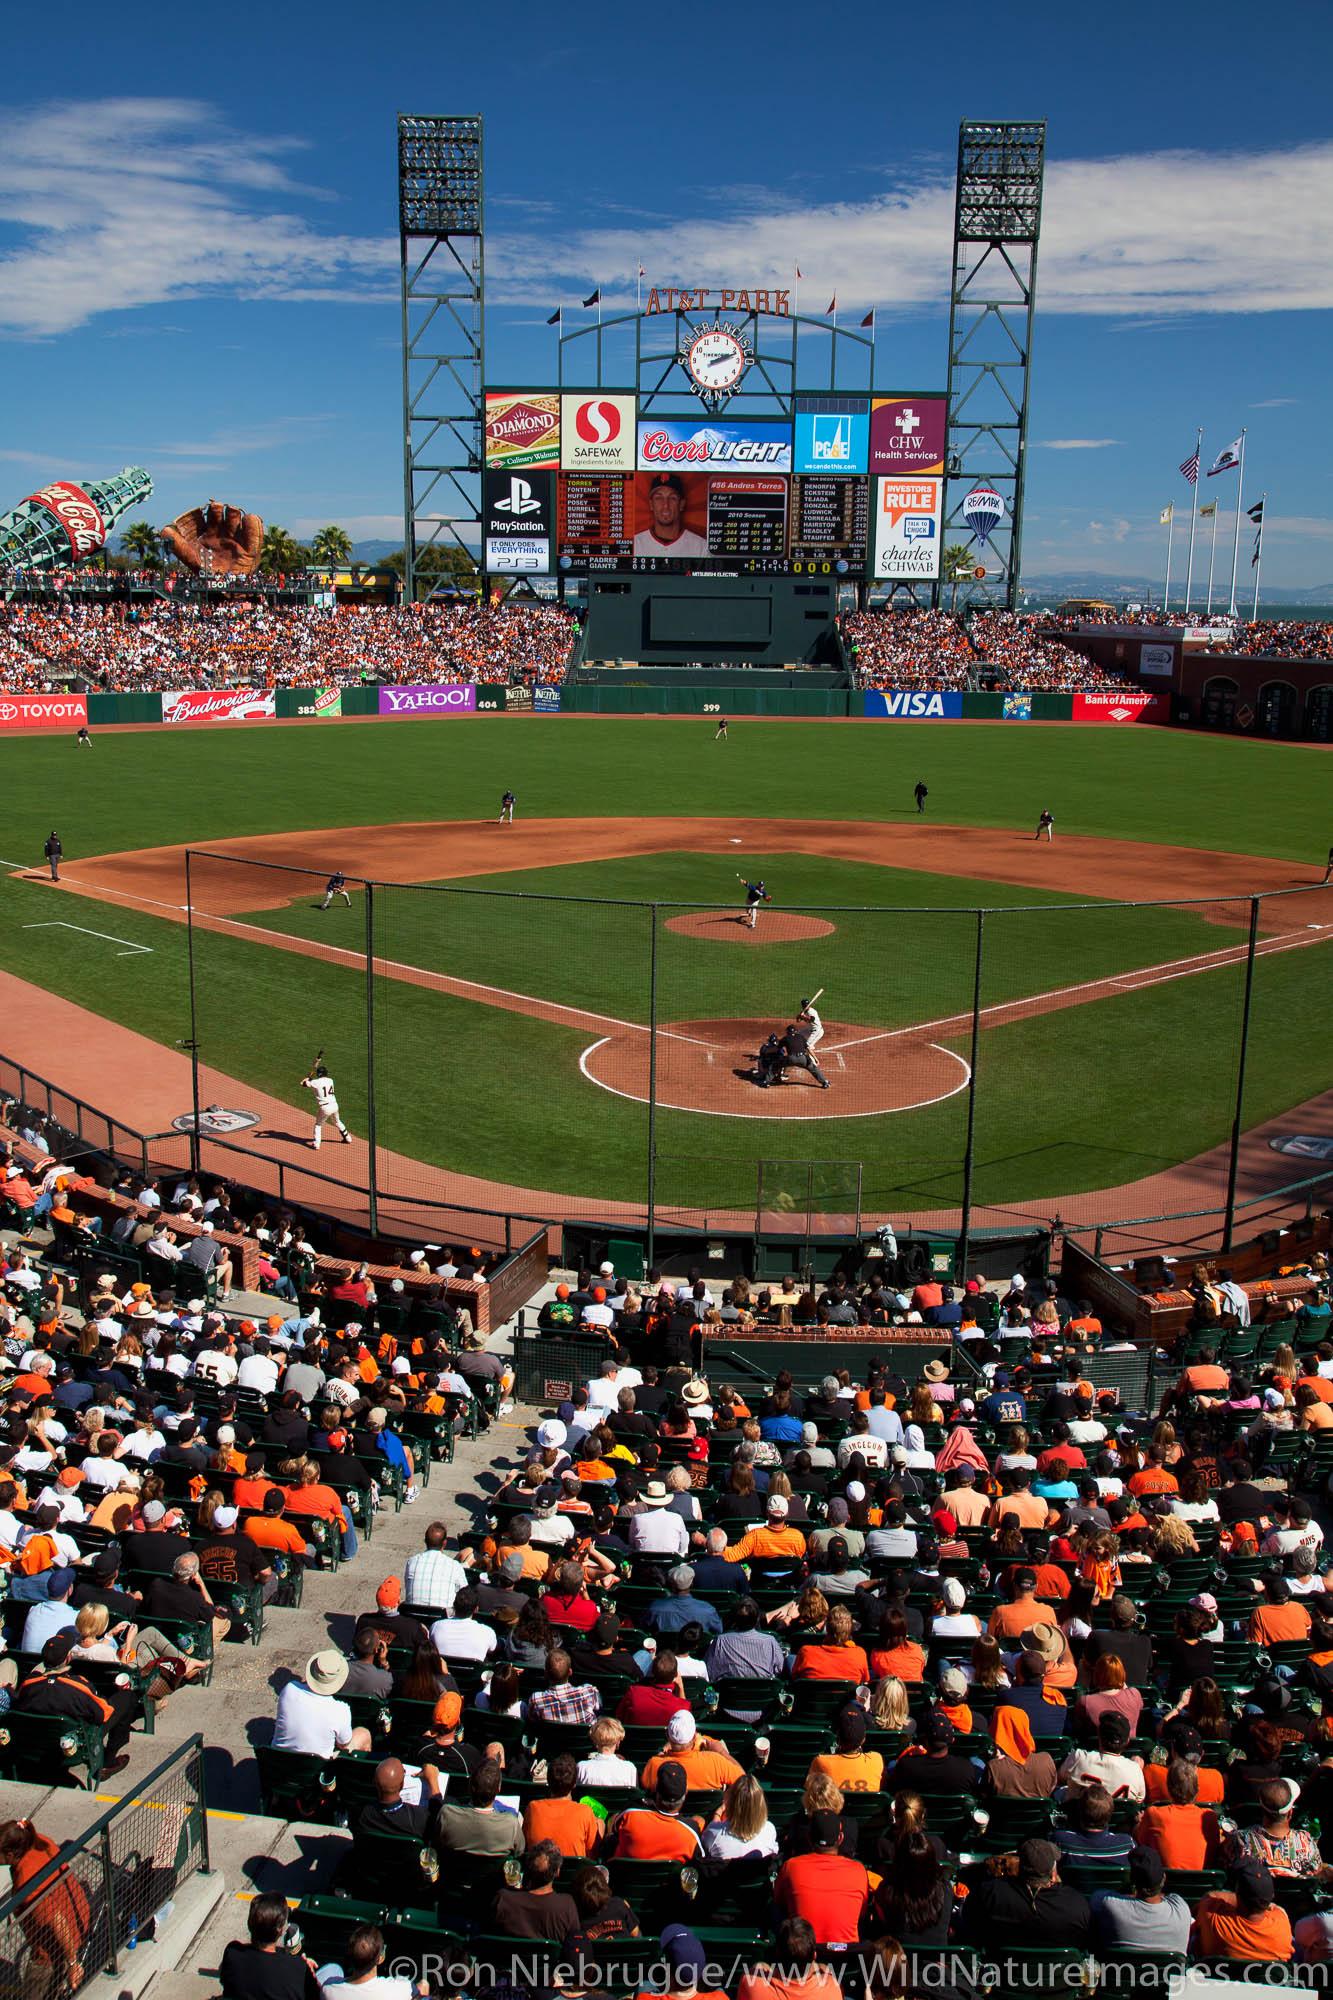 AT&T Park, San Francisco Giants game, San Francisco, CA.